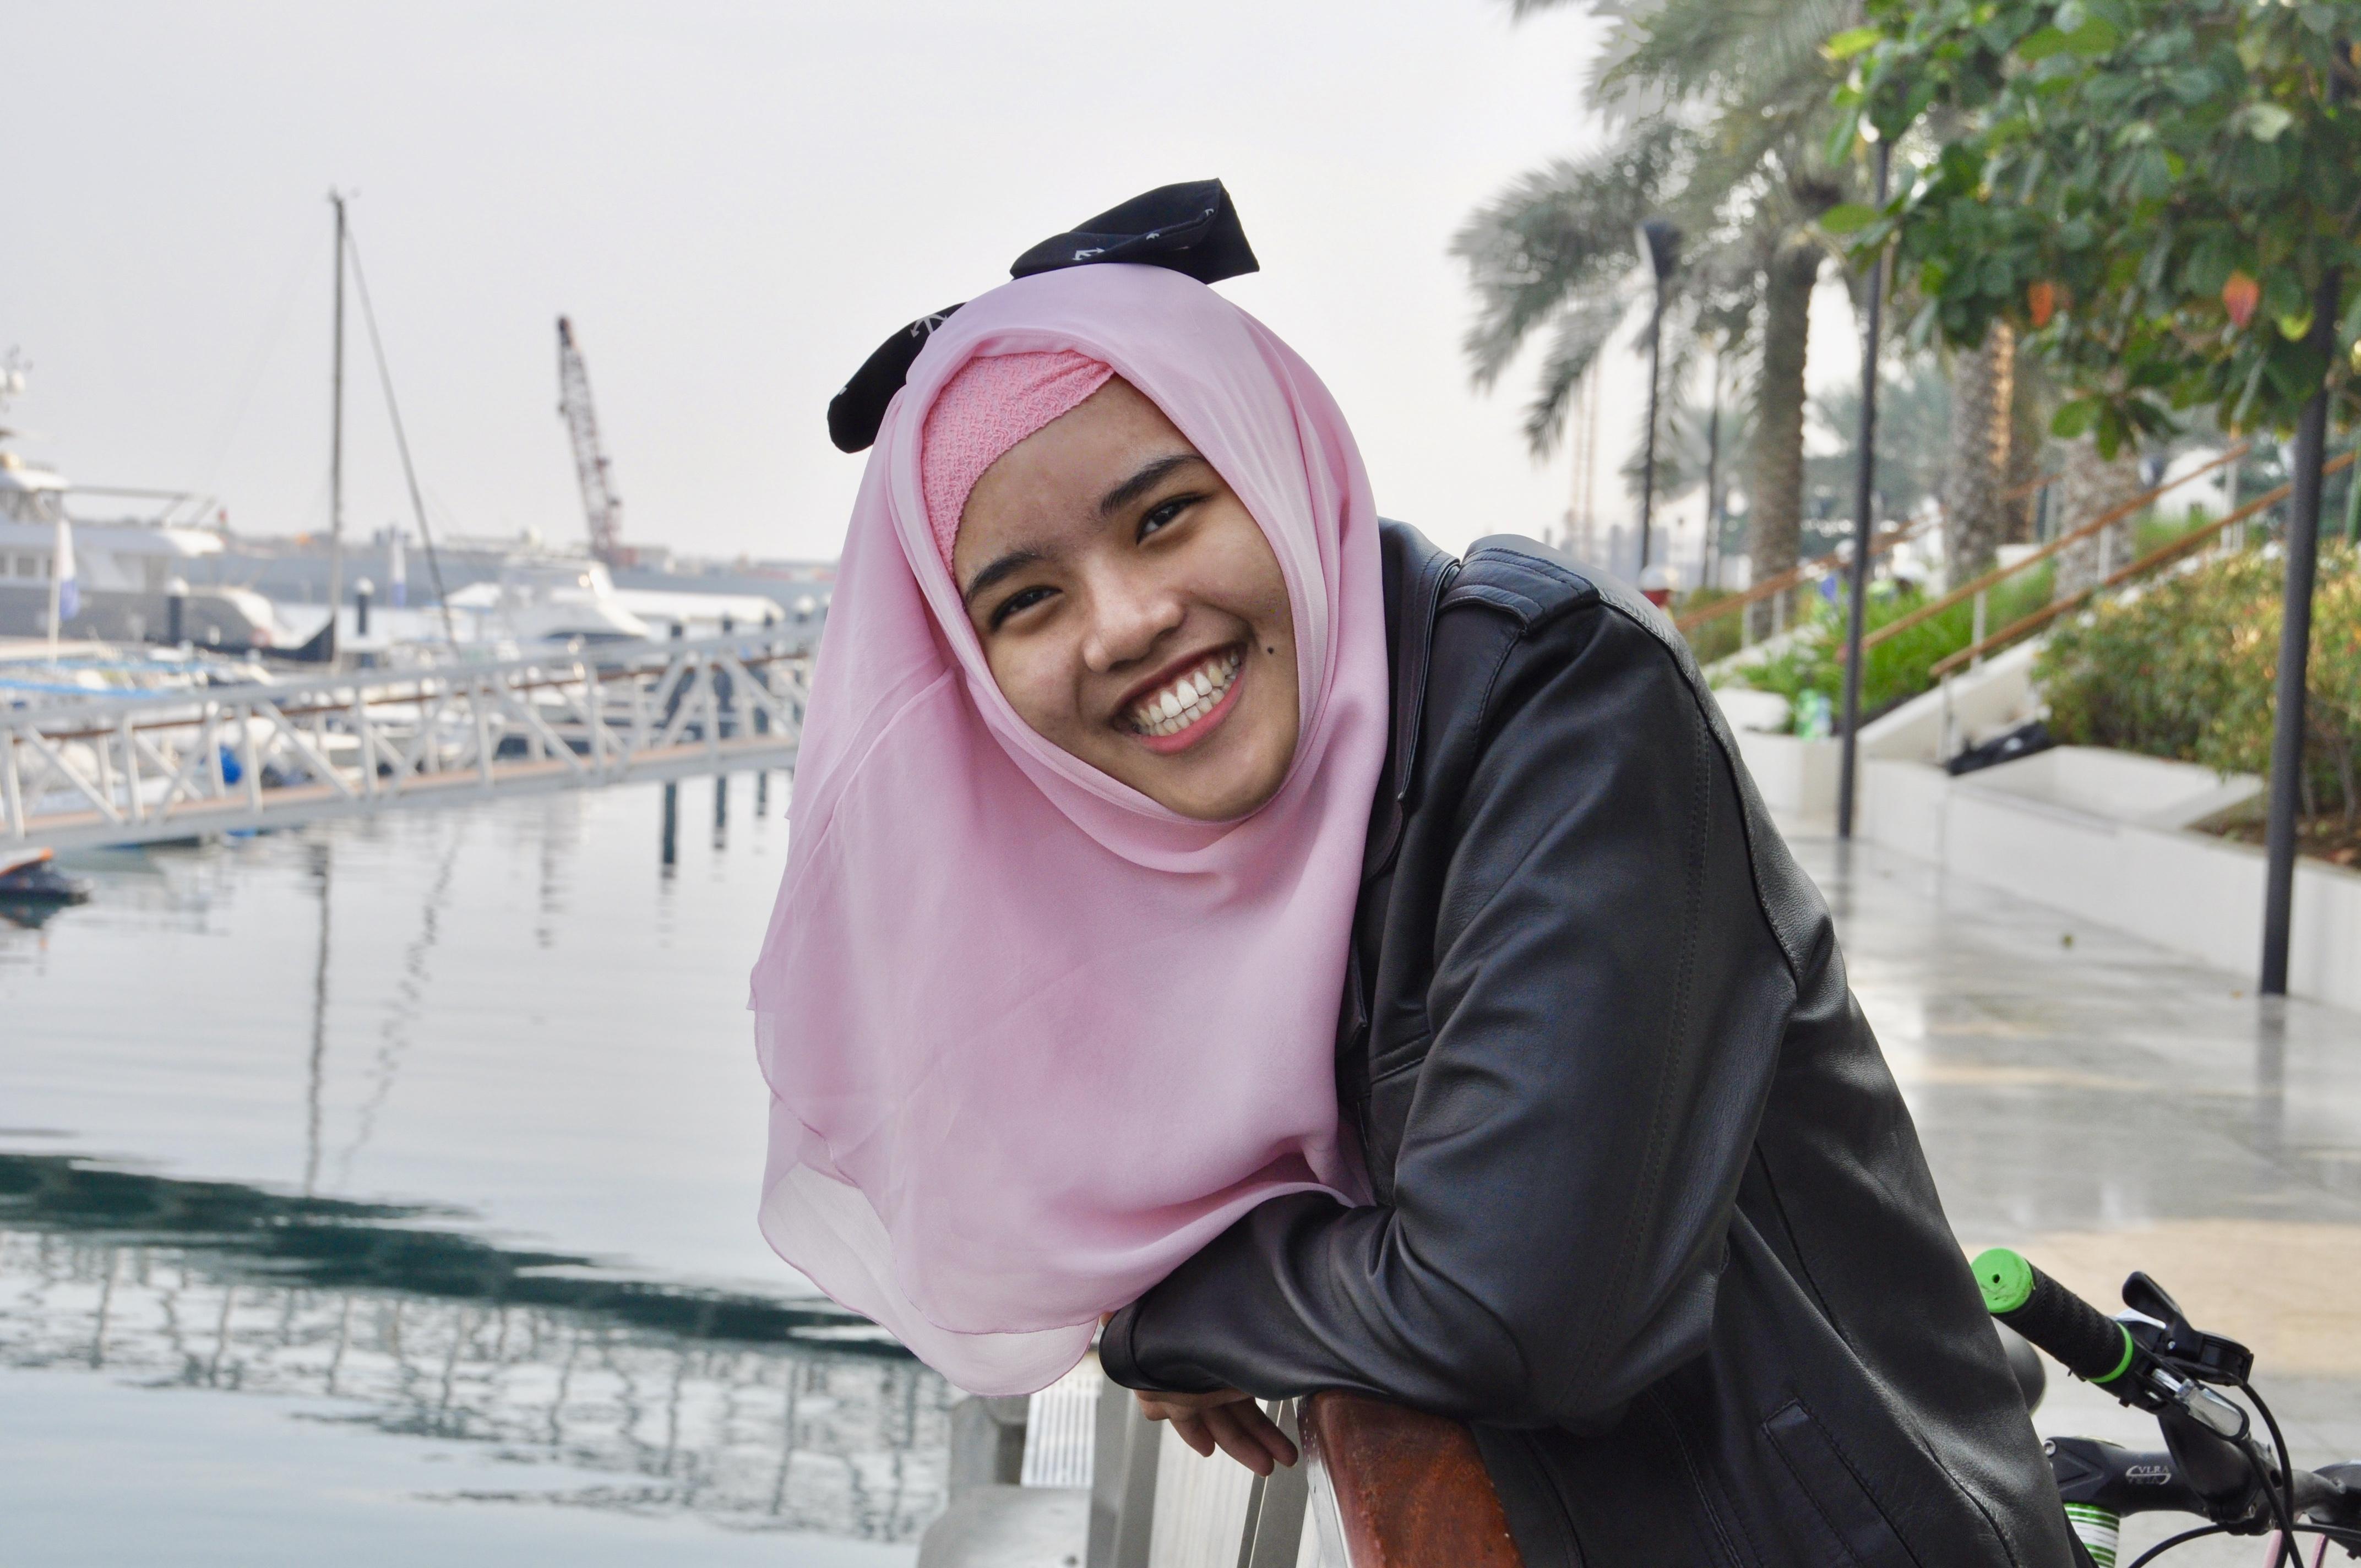 conchita isdiawan helloconchita hijab hijaber fashion style muslim muslimah